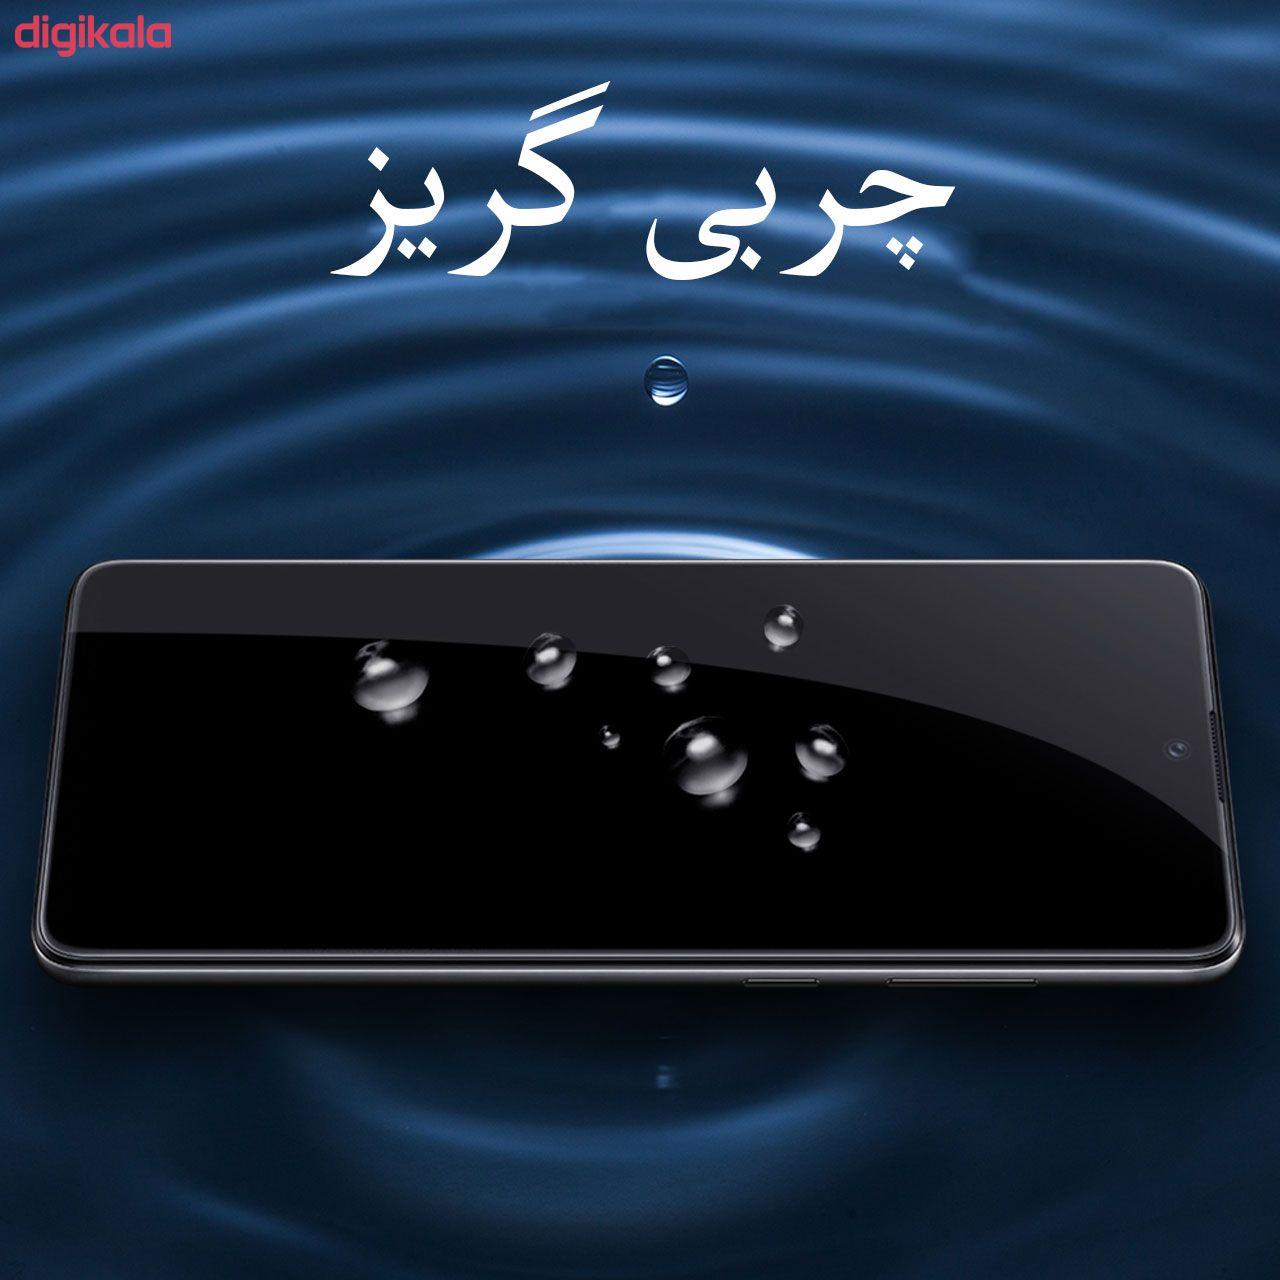 محافظ صفحه نمایش مدل FCG مناسب برای گوشی موبایل شیائومی Poco X3 NFC main 1 1